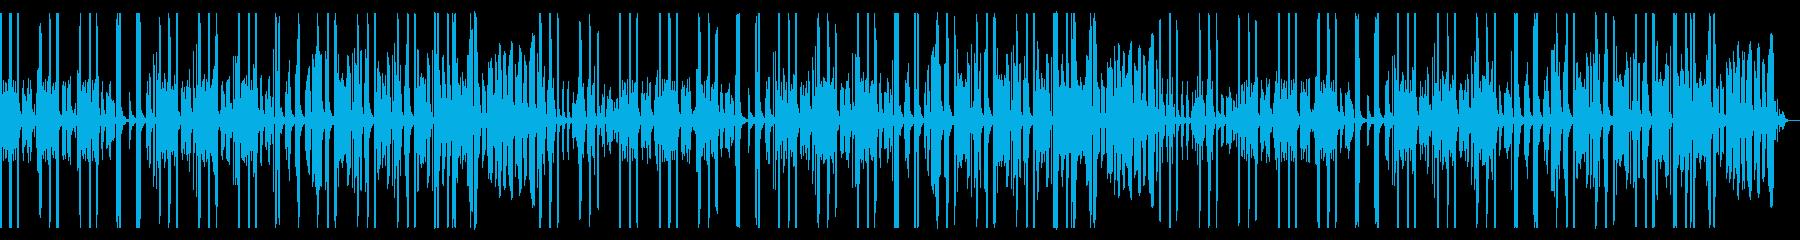 ちょこまかご機嫌♪ほんわか可愛い小動物系の再生済みの波形